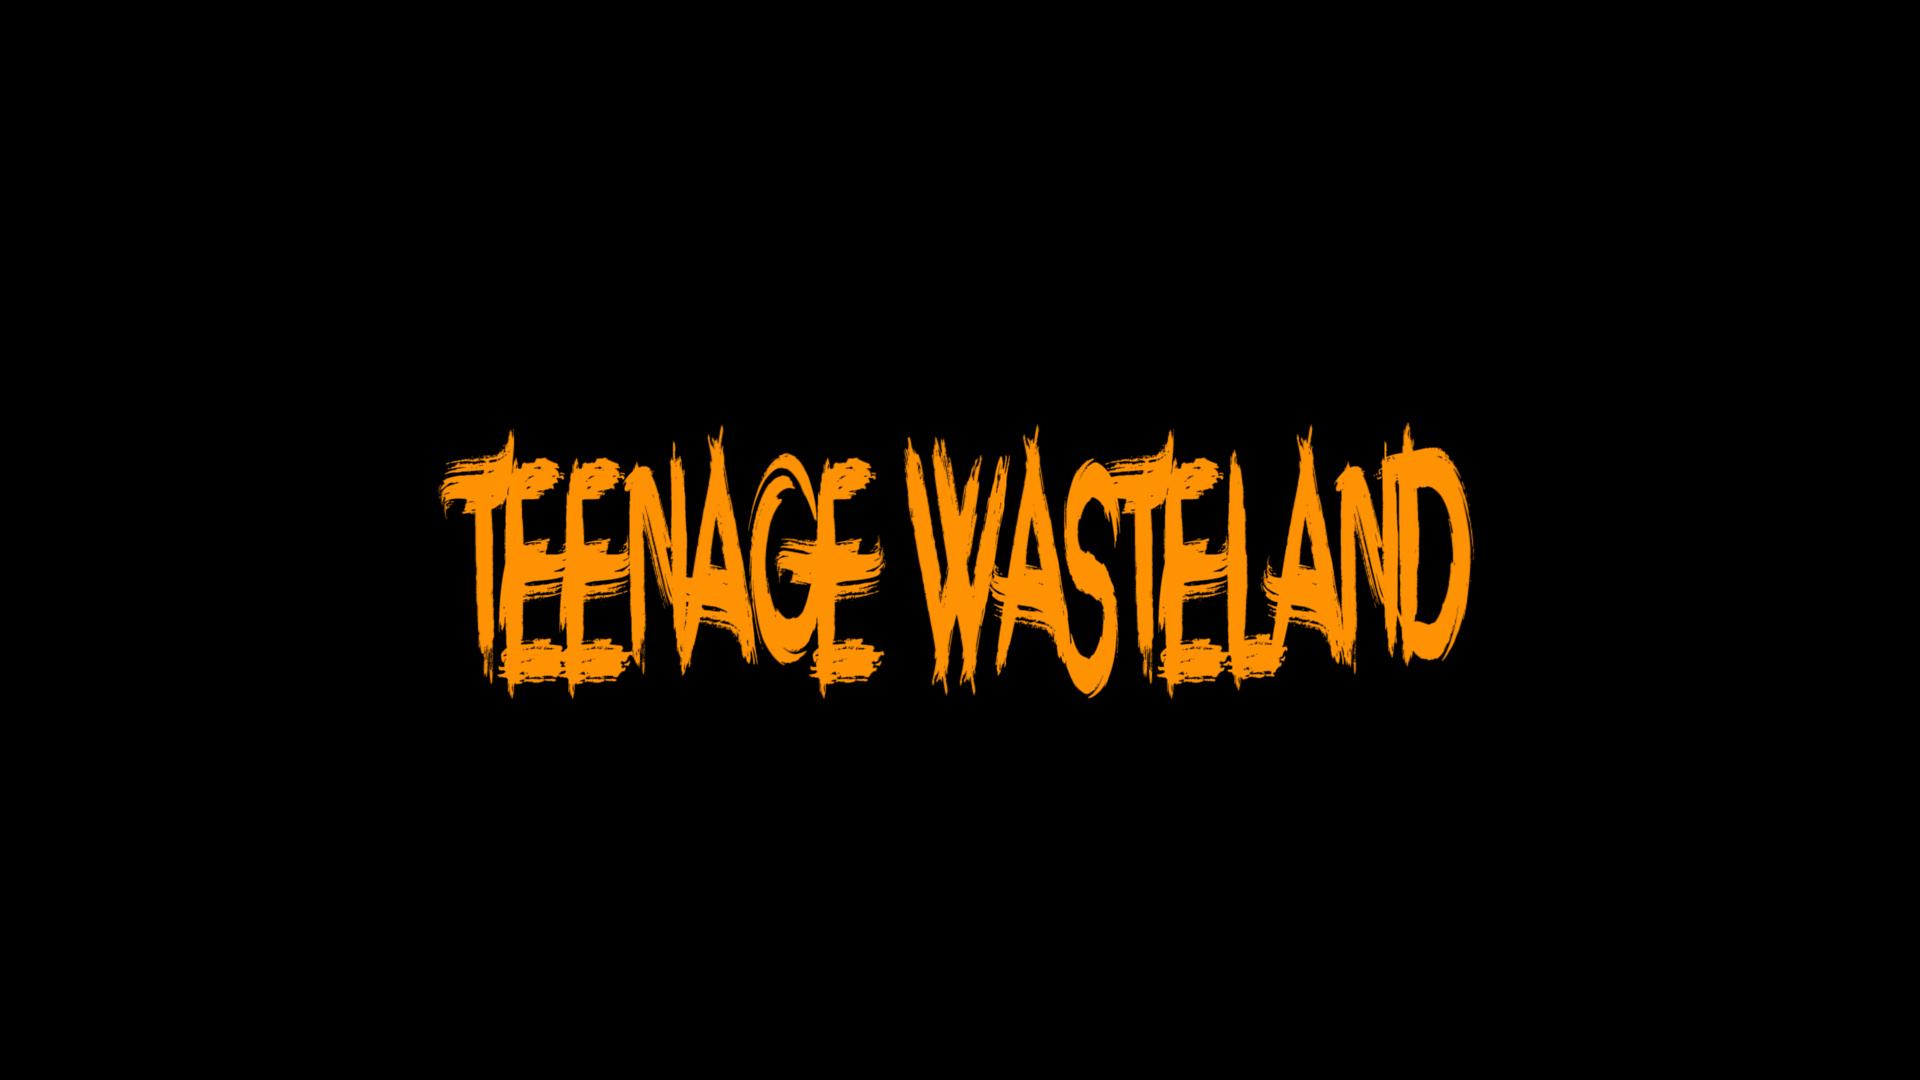 teenage wasteland short story full text